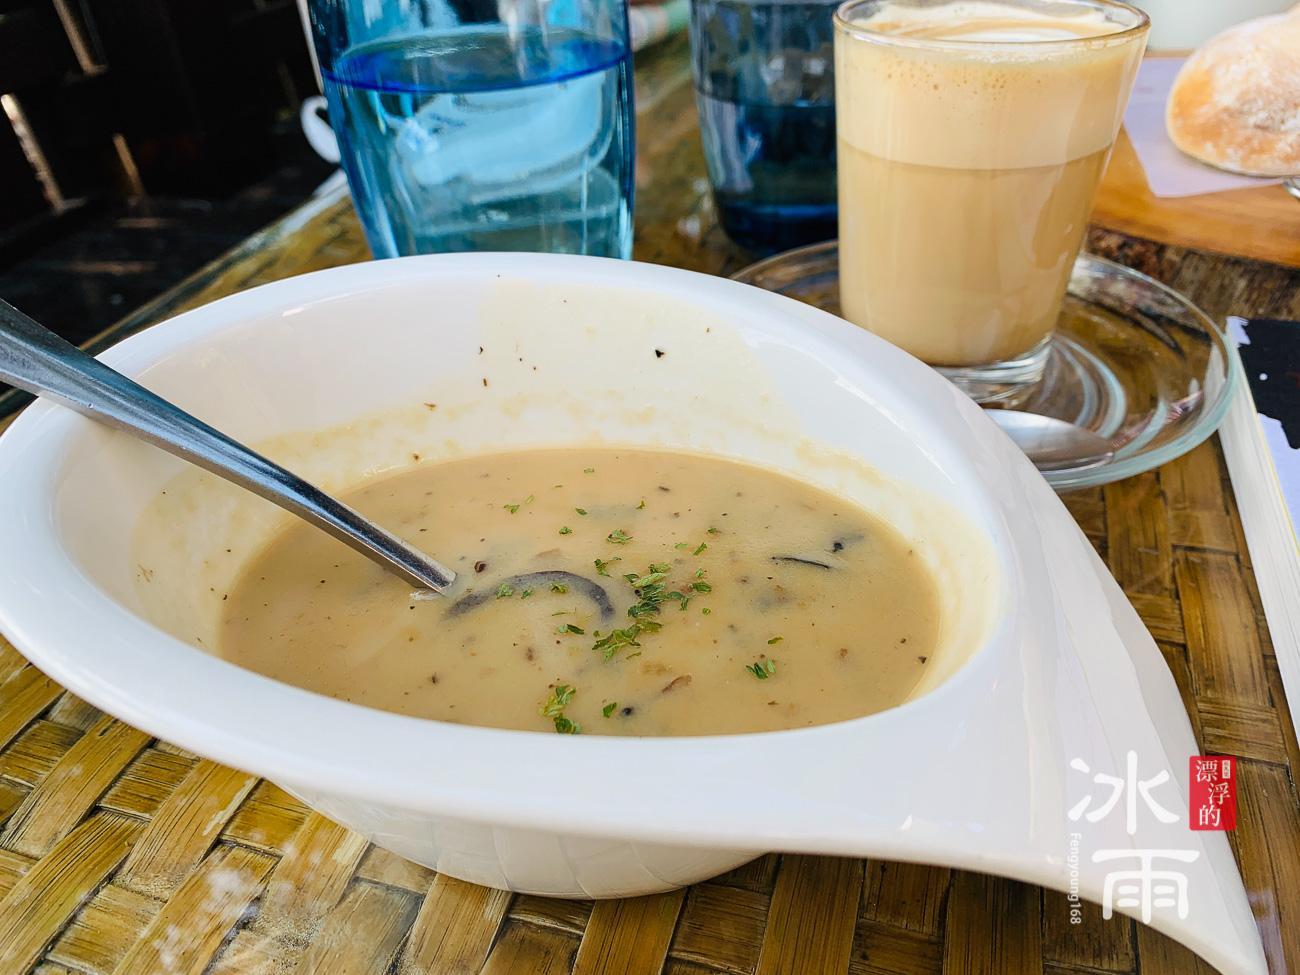 淡水榕堤水灣 前菜蘑菇湯 好喝